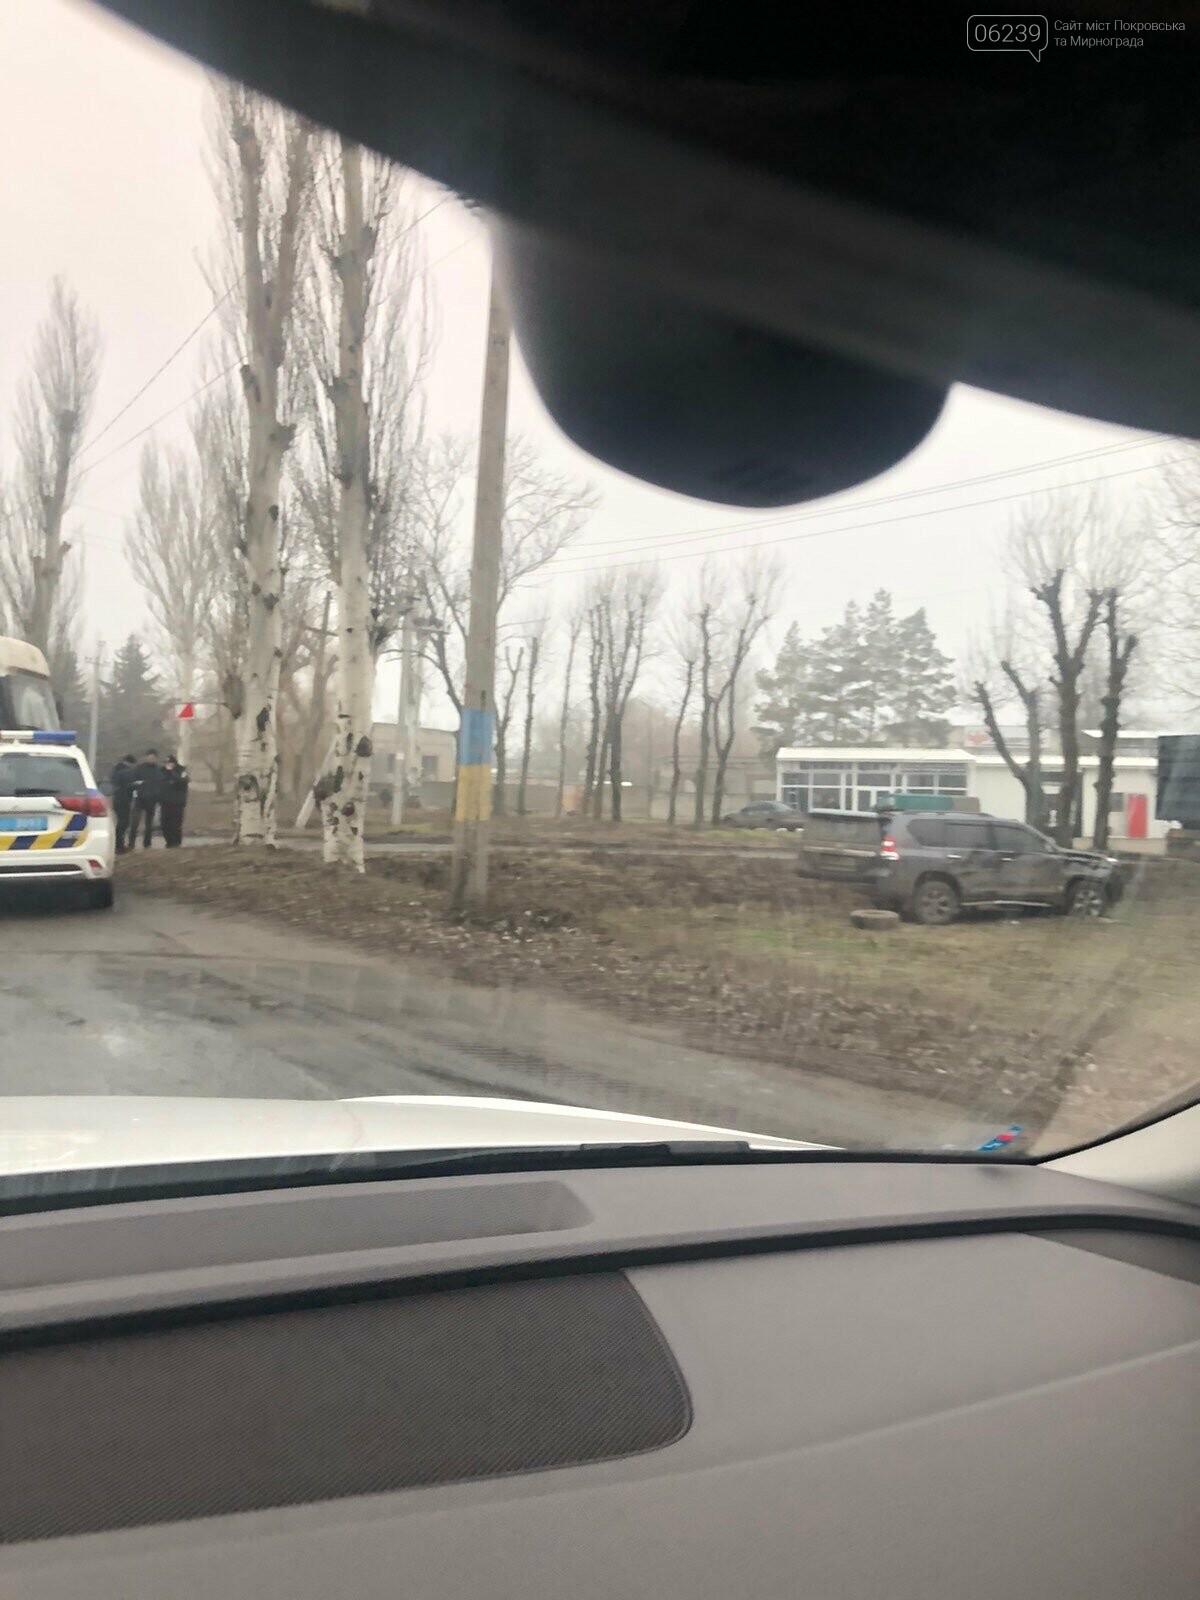 Пострадавших нет: в Покровске столкнулись Toyota и грузовик, фото-3